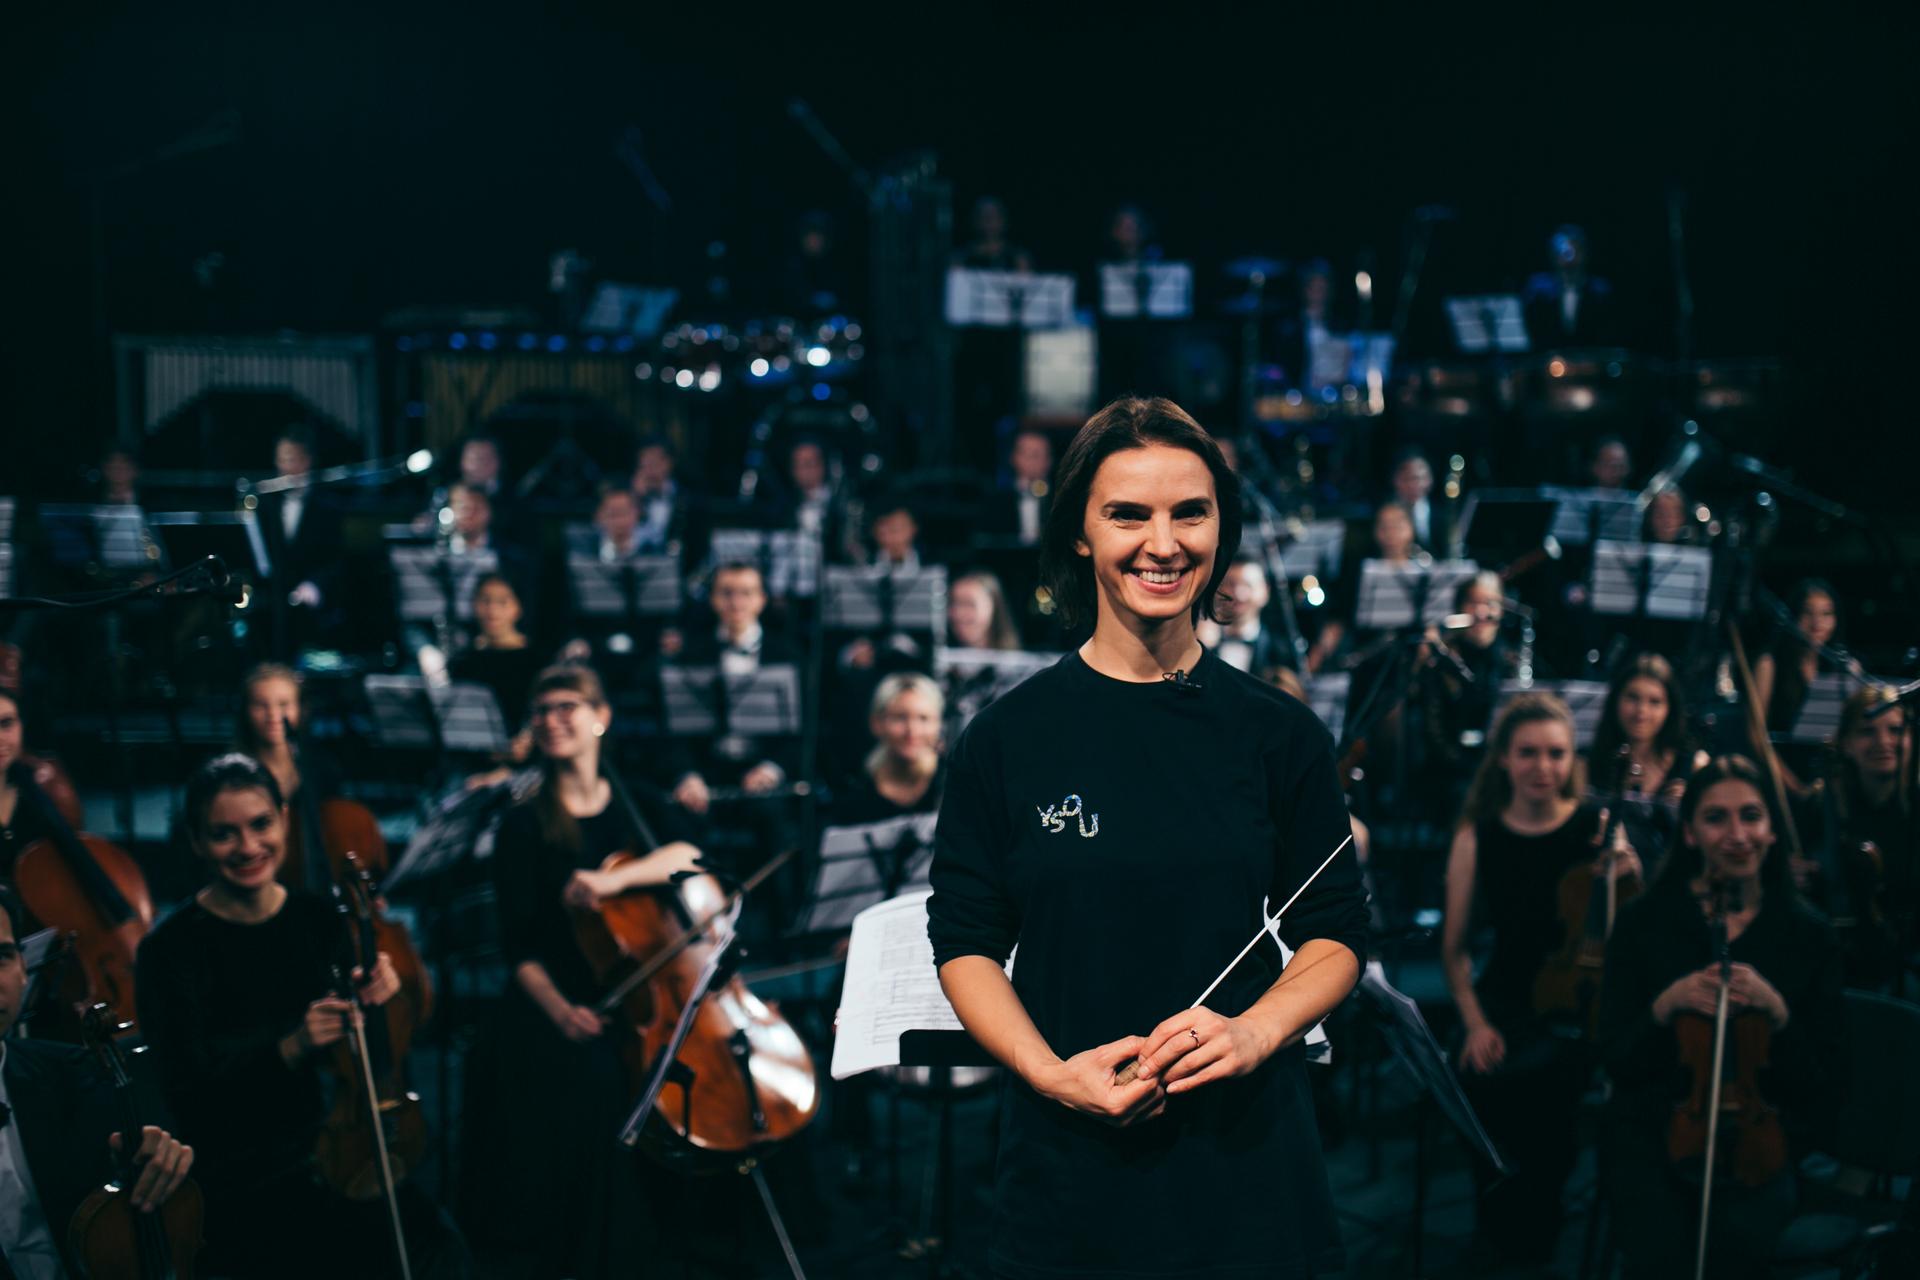 Оксана Линів стане першою жінкою-диригенткою за 145 років історії Вагнерівського фестивалю-Фото 1